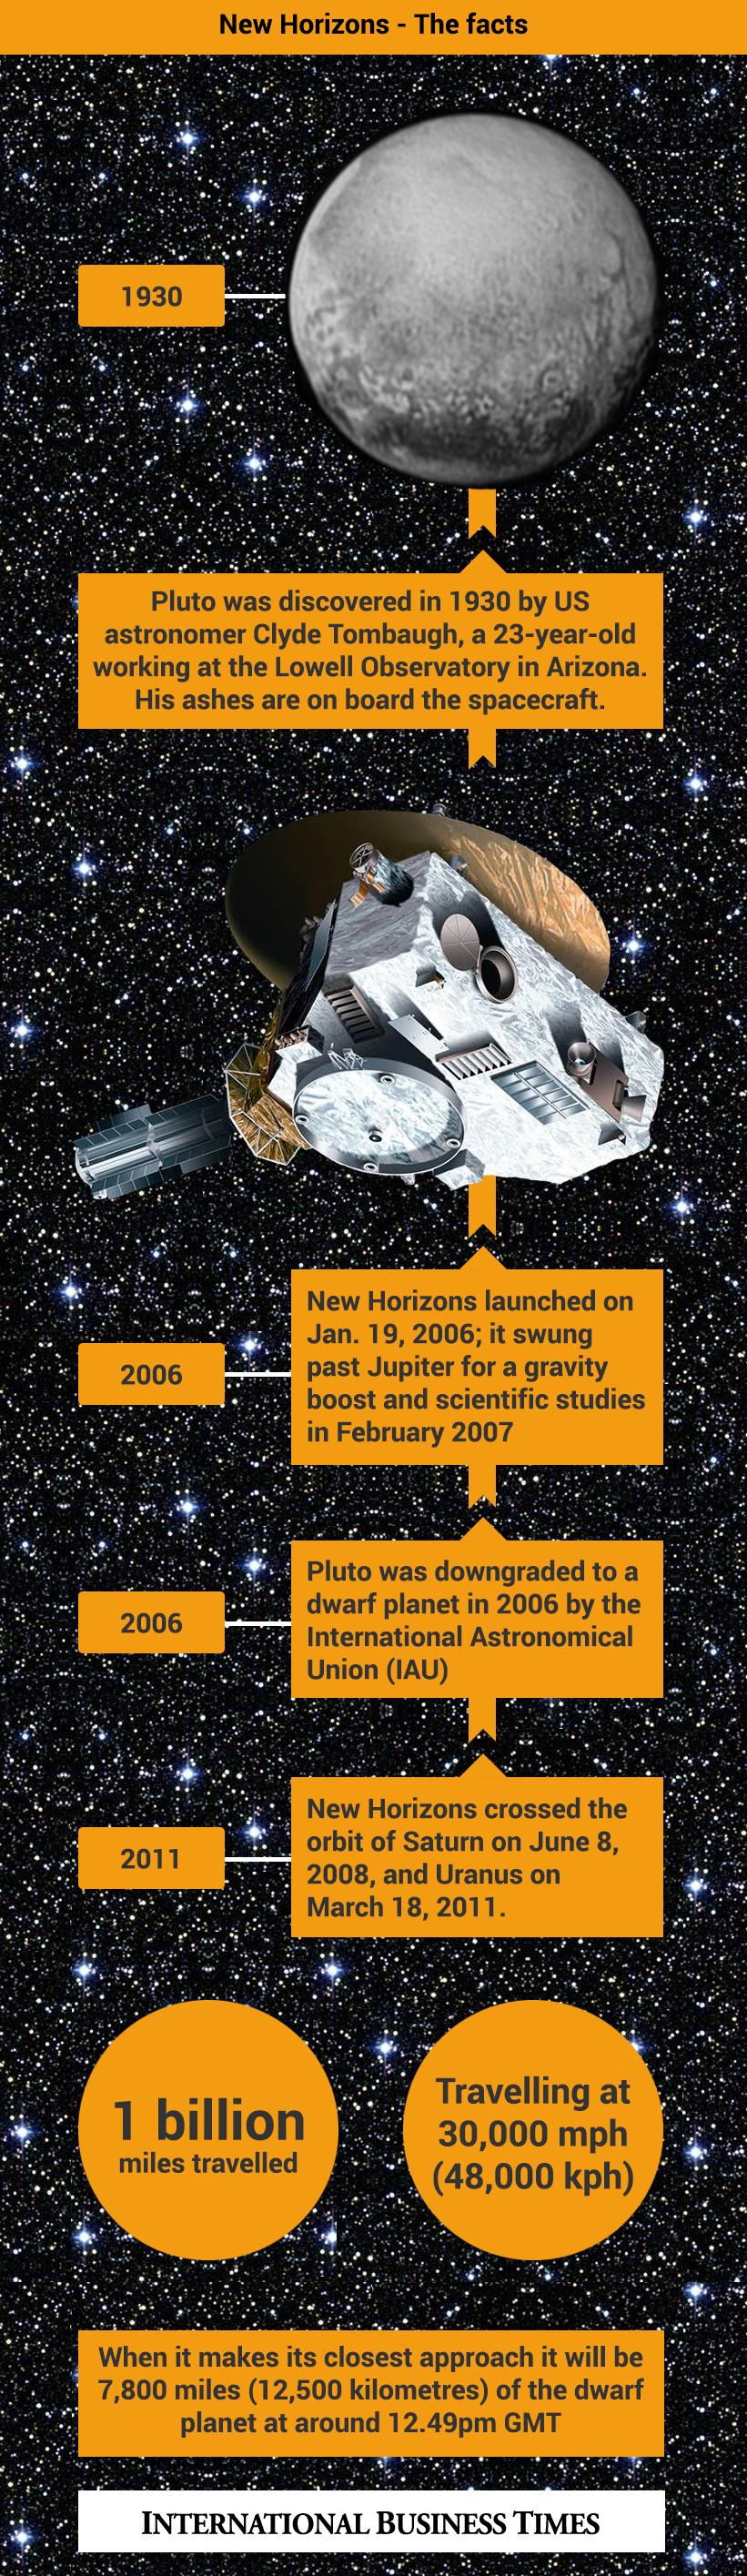 new horizons infographic